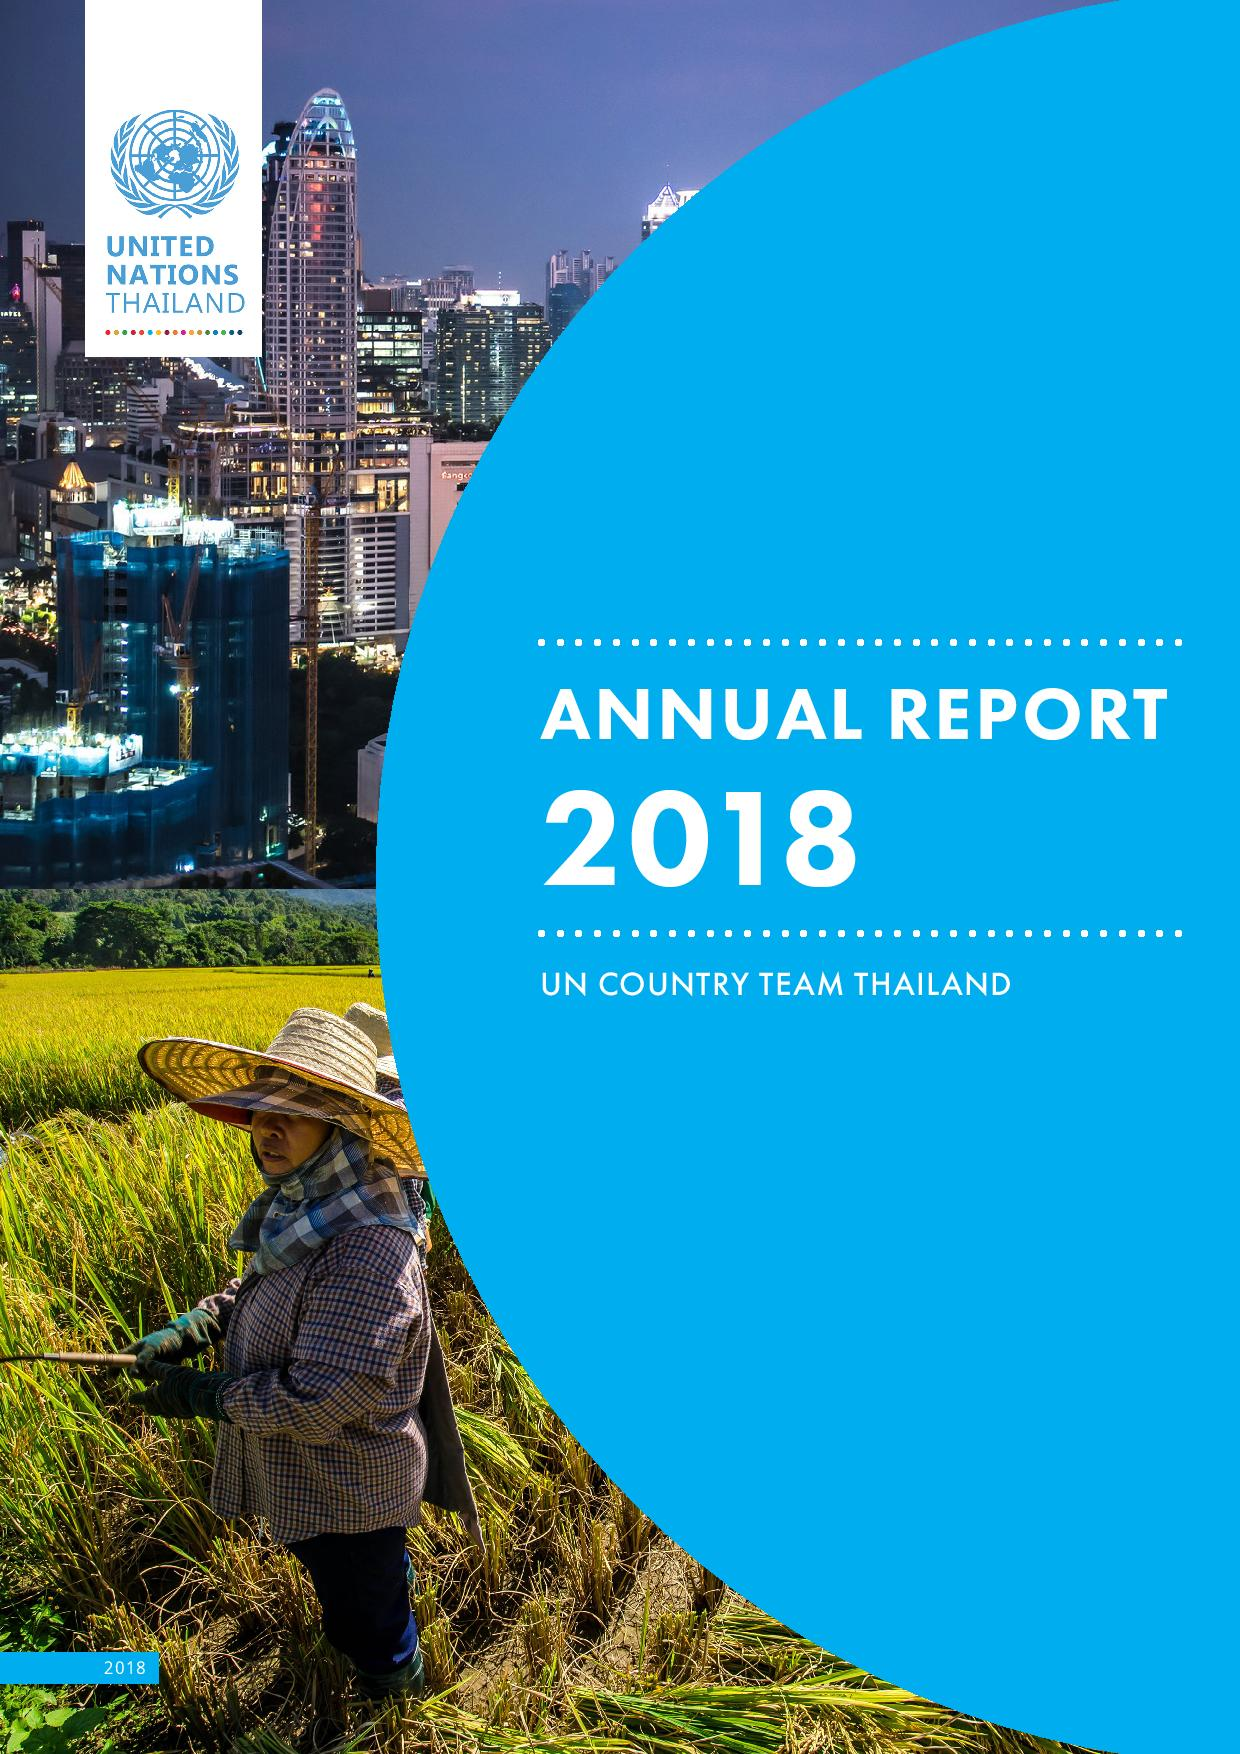 UN Thailand Annual Report 2018